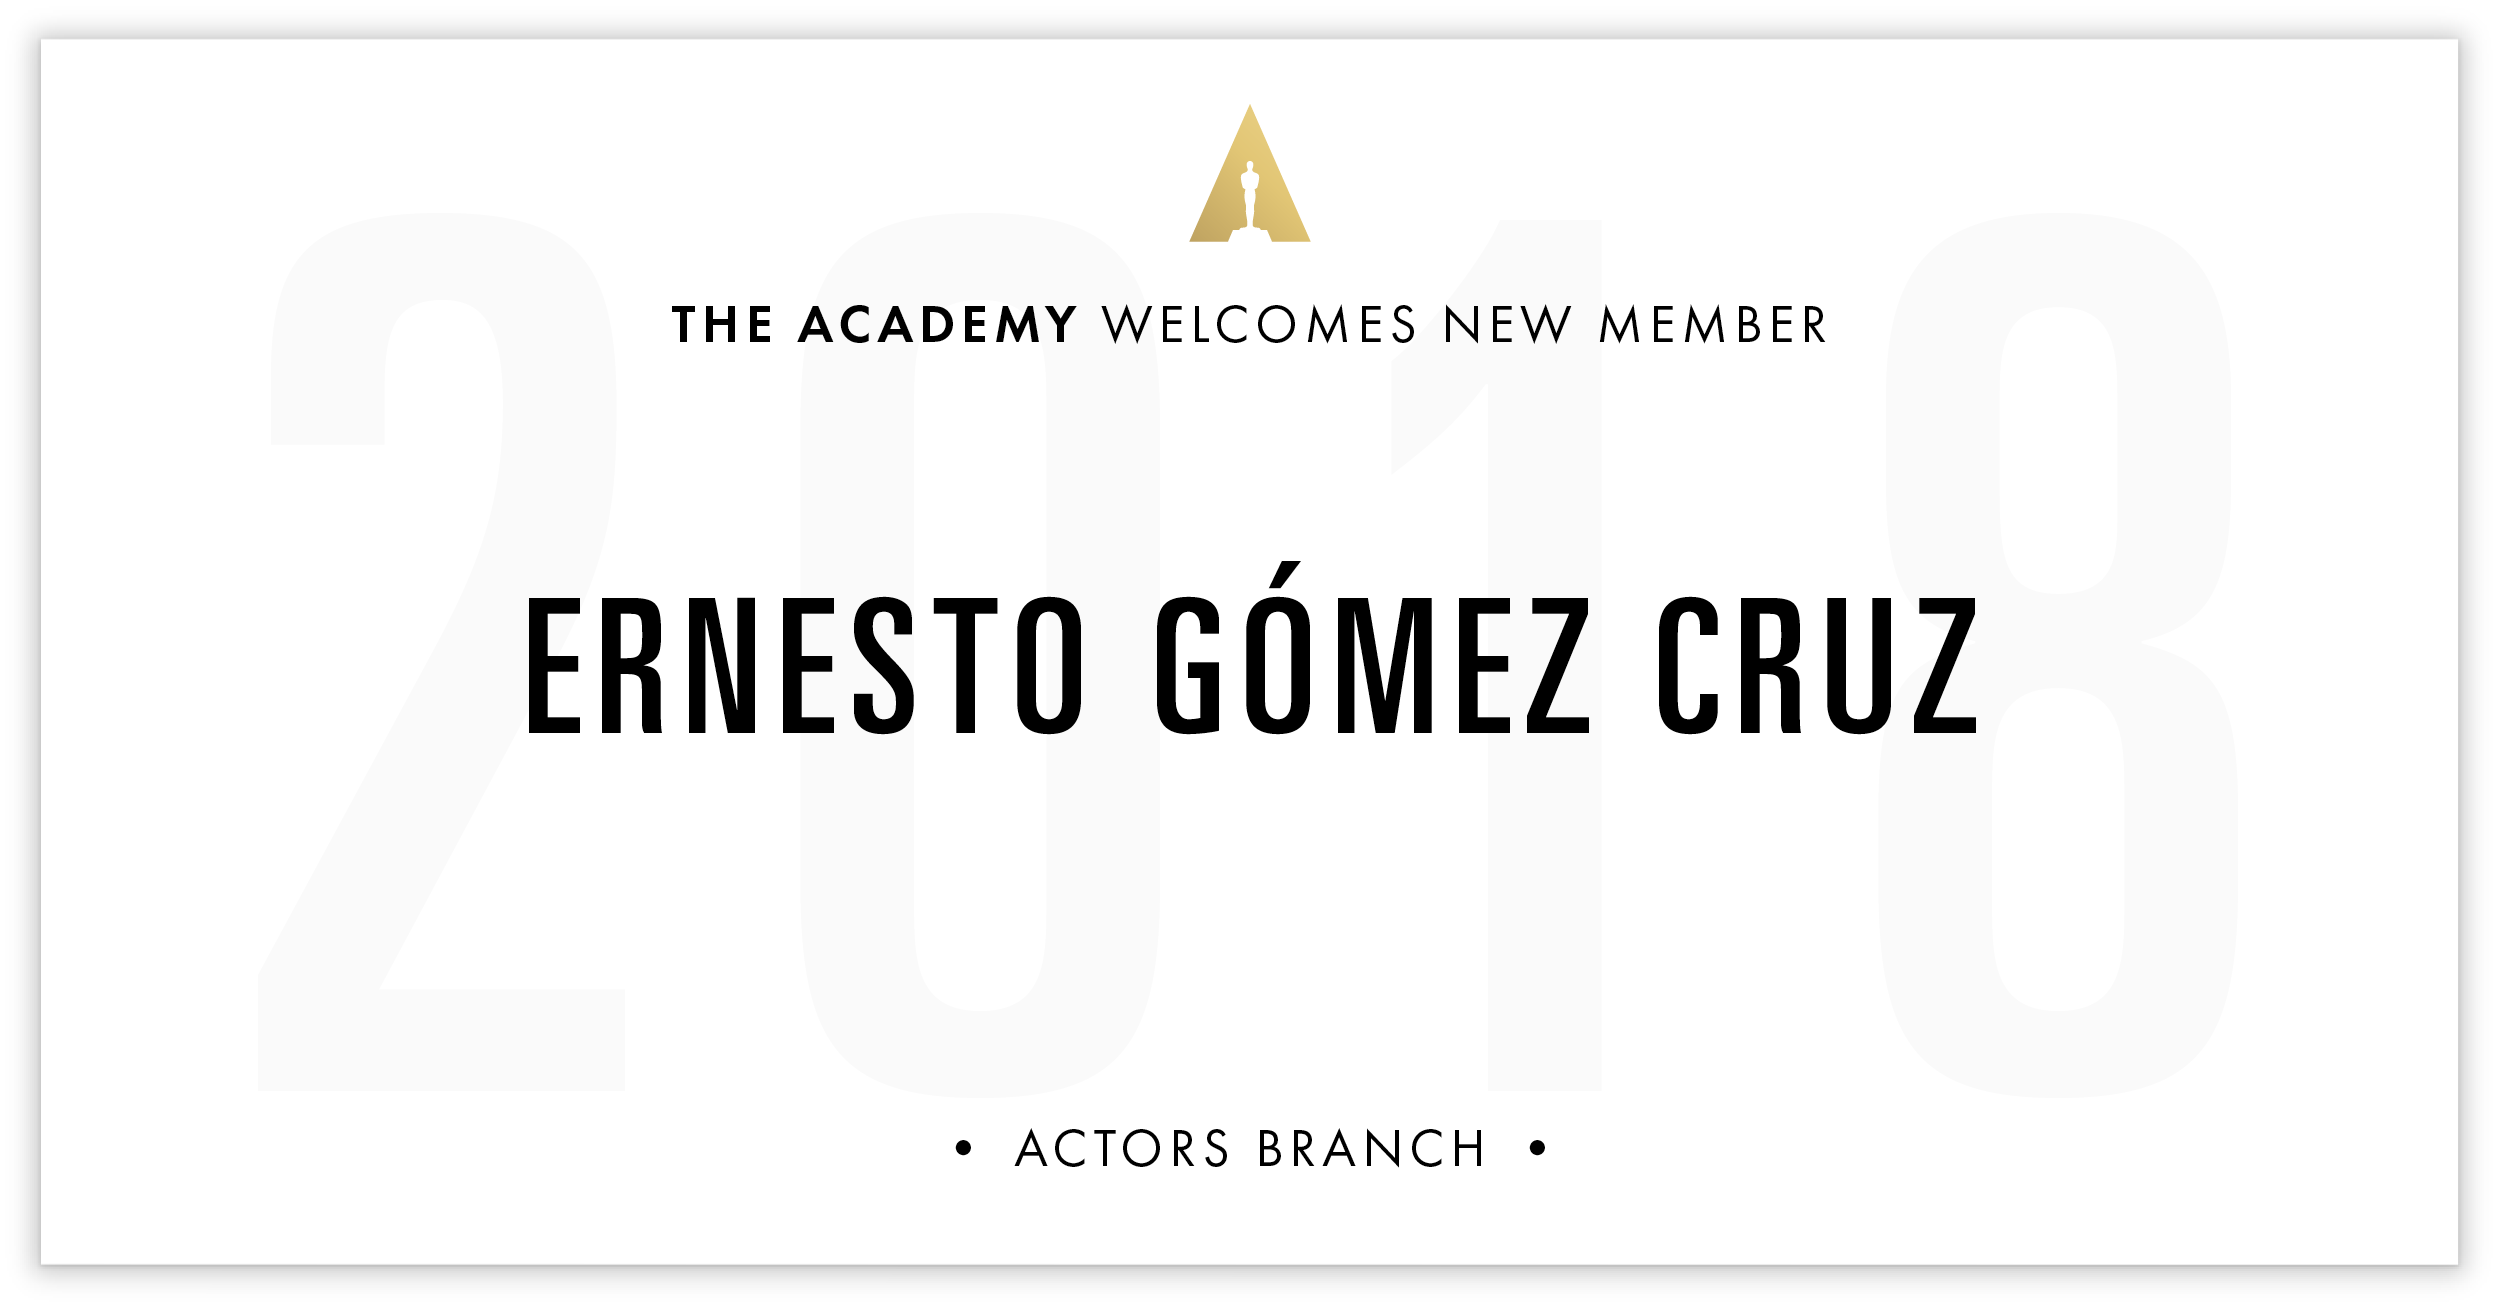 Ernesto Gómez Cruz is invited!